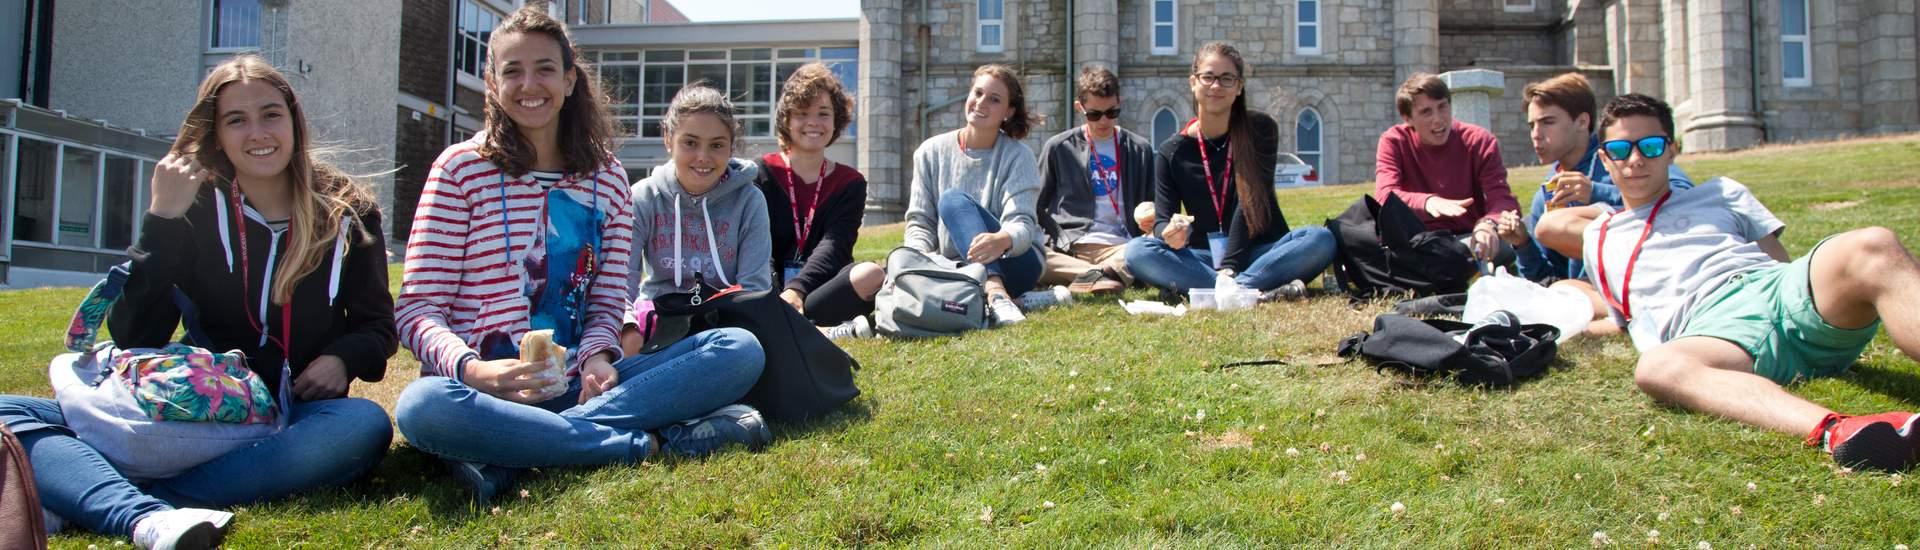 Englisch Schülersprachreise Dublin, Irland